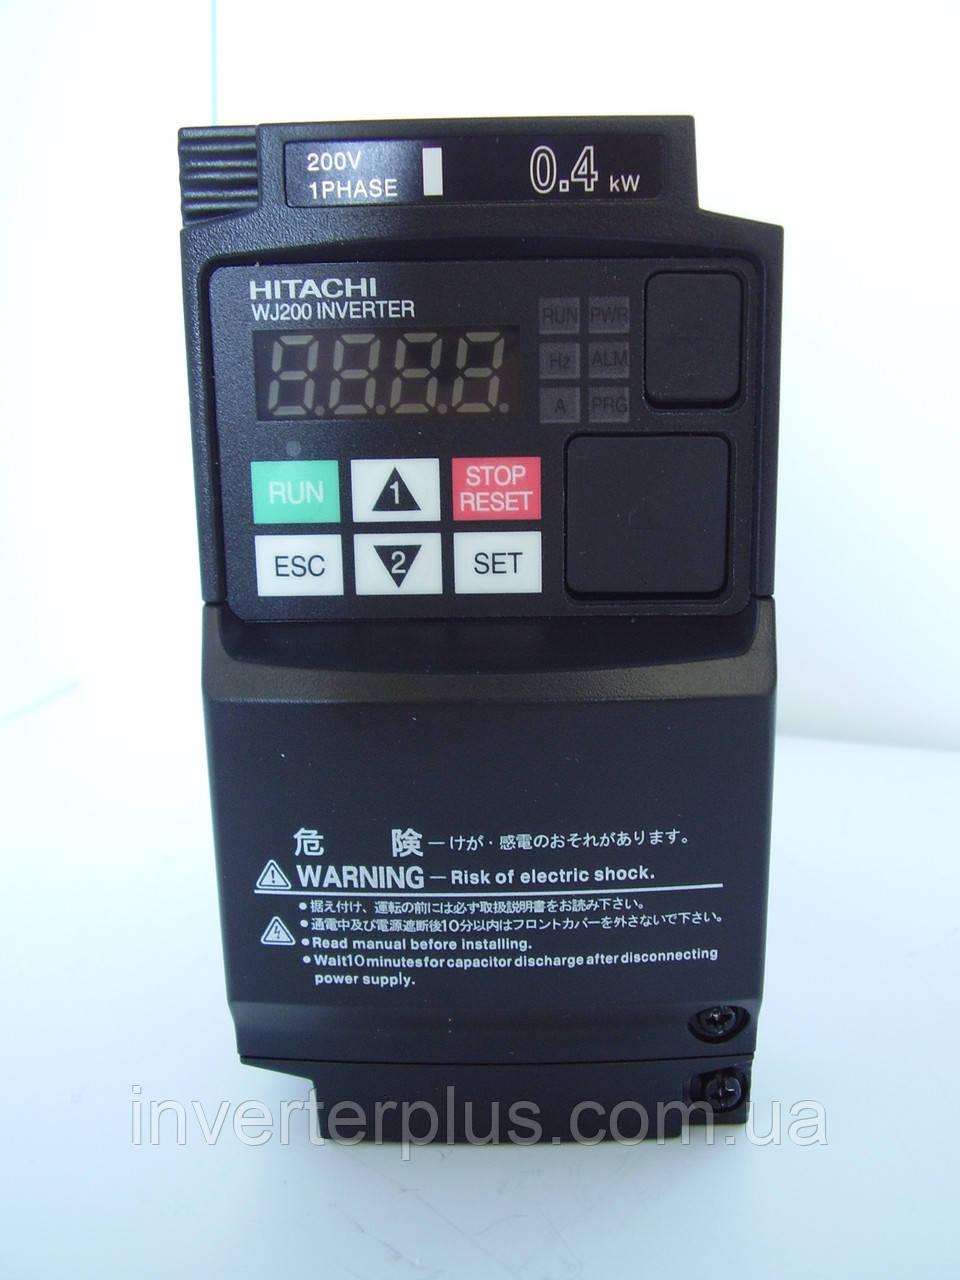 WJ200-004SF; 0,4кВт/220В. Частотник Hitachi